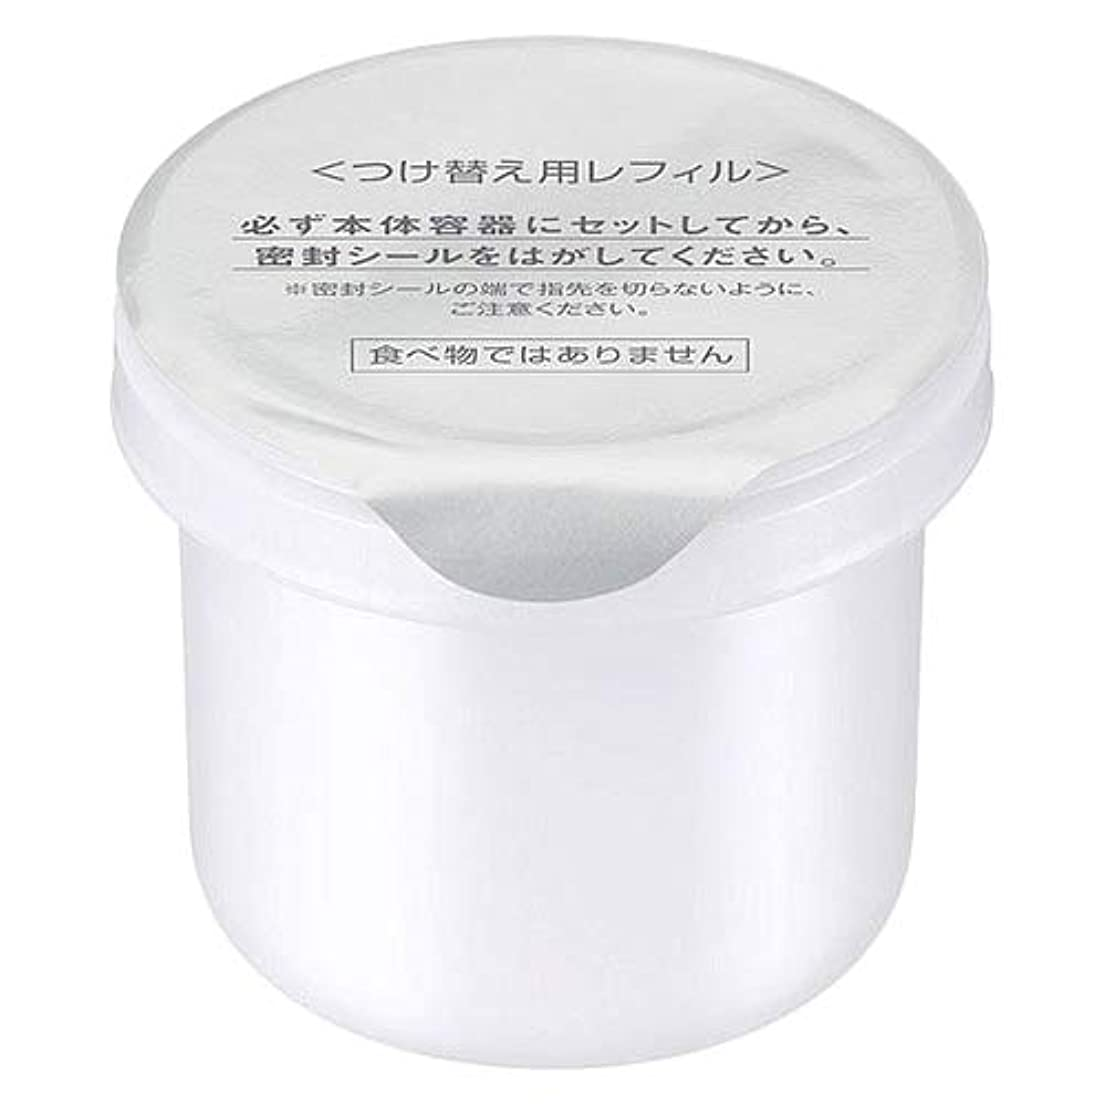 形式すなわち発火するカネボウ デュウ KANEBO DEW ブライトニングクリーム (レフィル) 30g [並行輸入品]